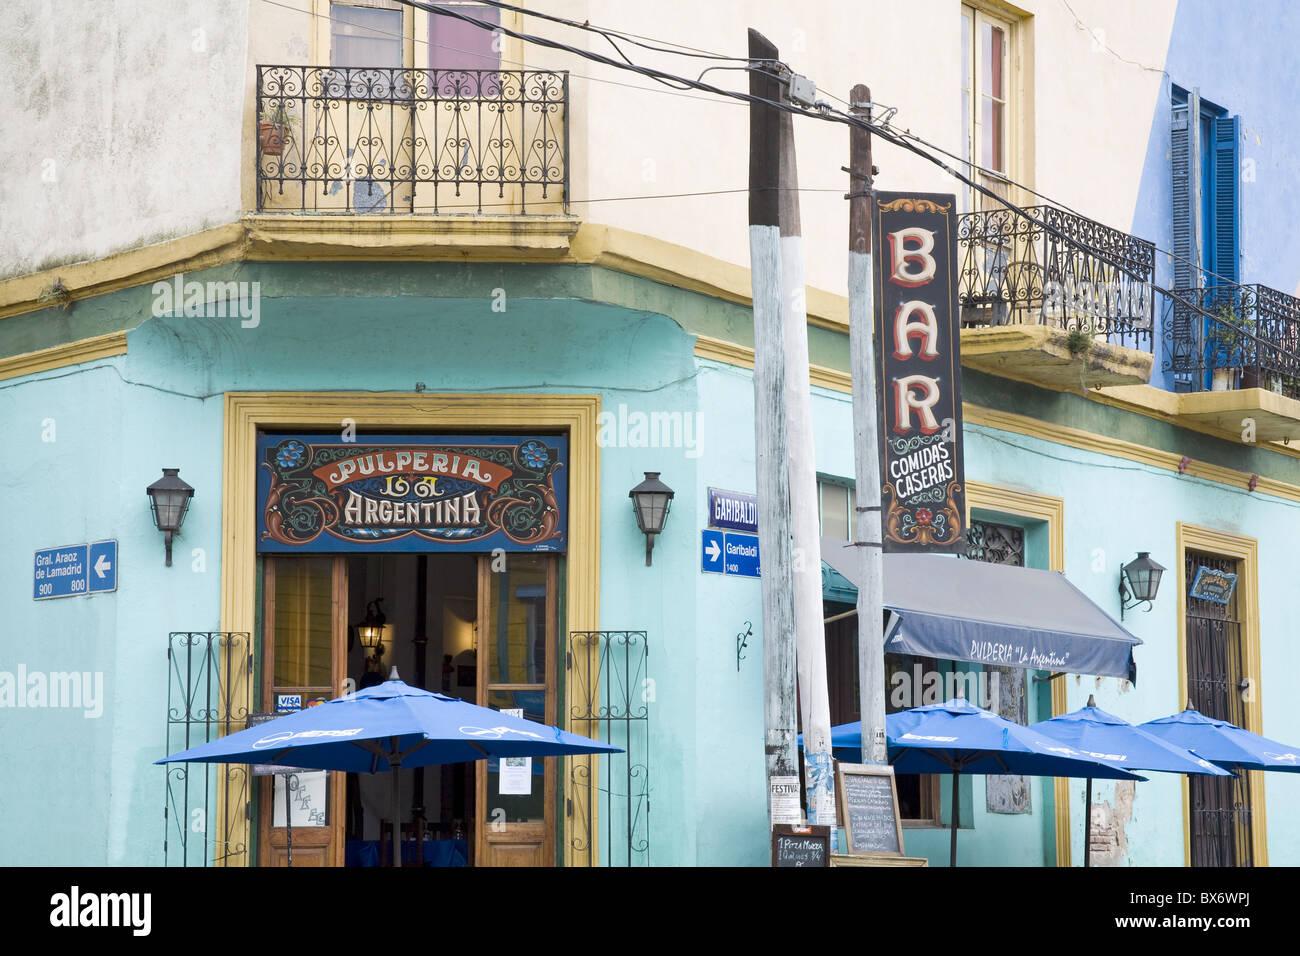 La Argentina Pulperia Bar en la boca barrio de Buenos Aires, Argentina, Sudamérica Imagen De Stock